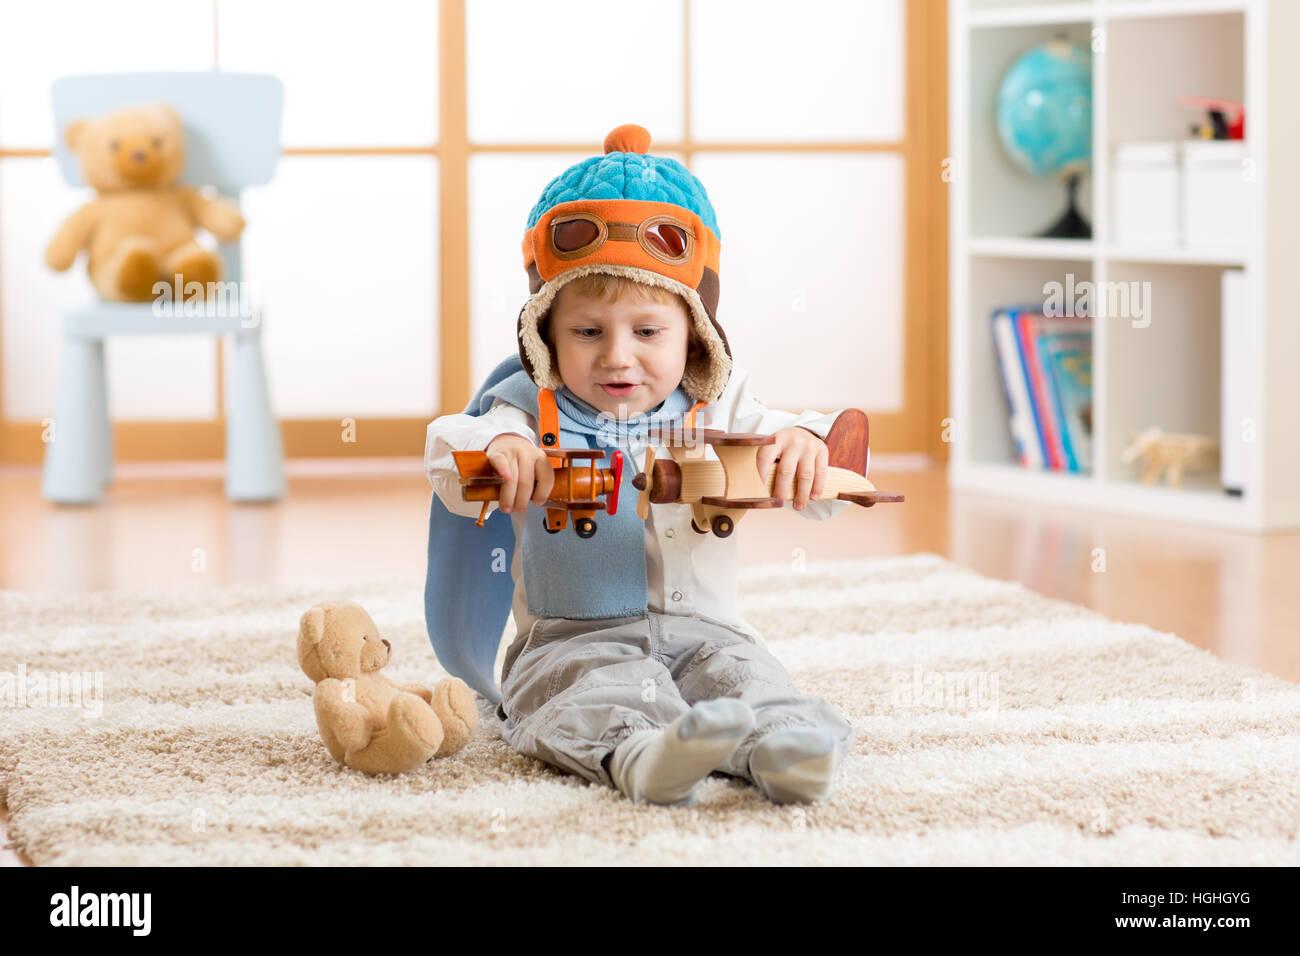 Glückliches Kind Junge spielt mit Spielzeugflugzeug zu Hause in seinem Zimmer Stockbild